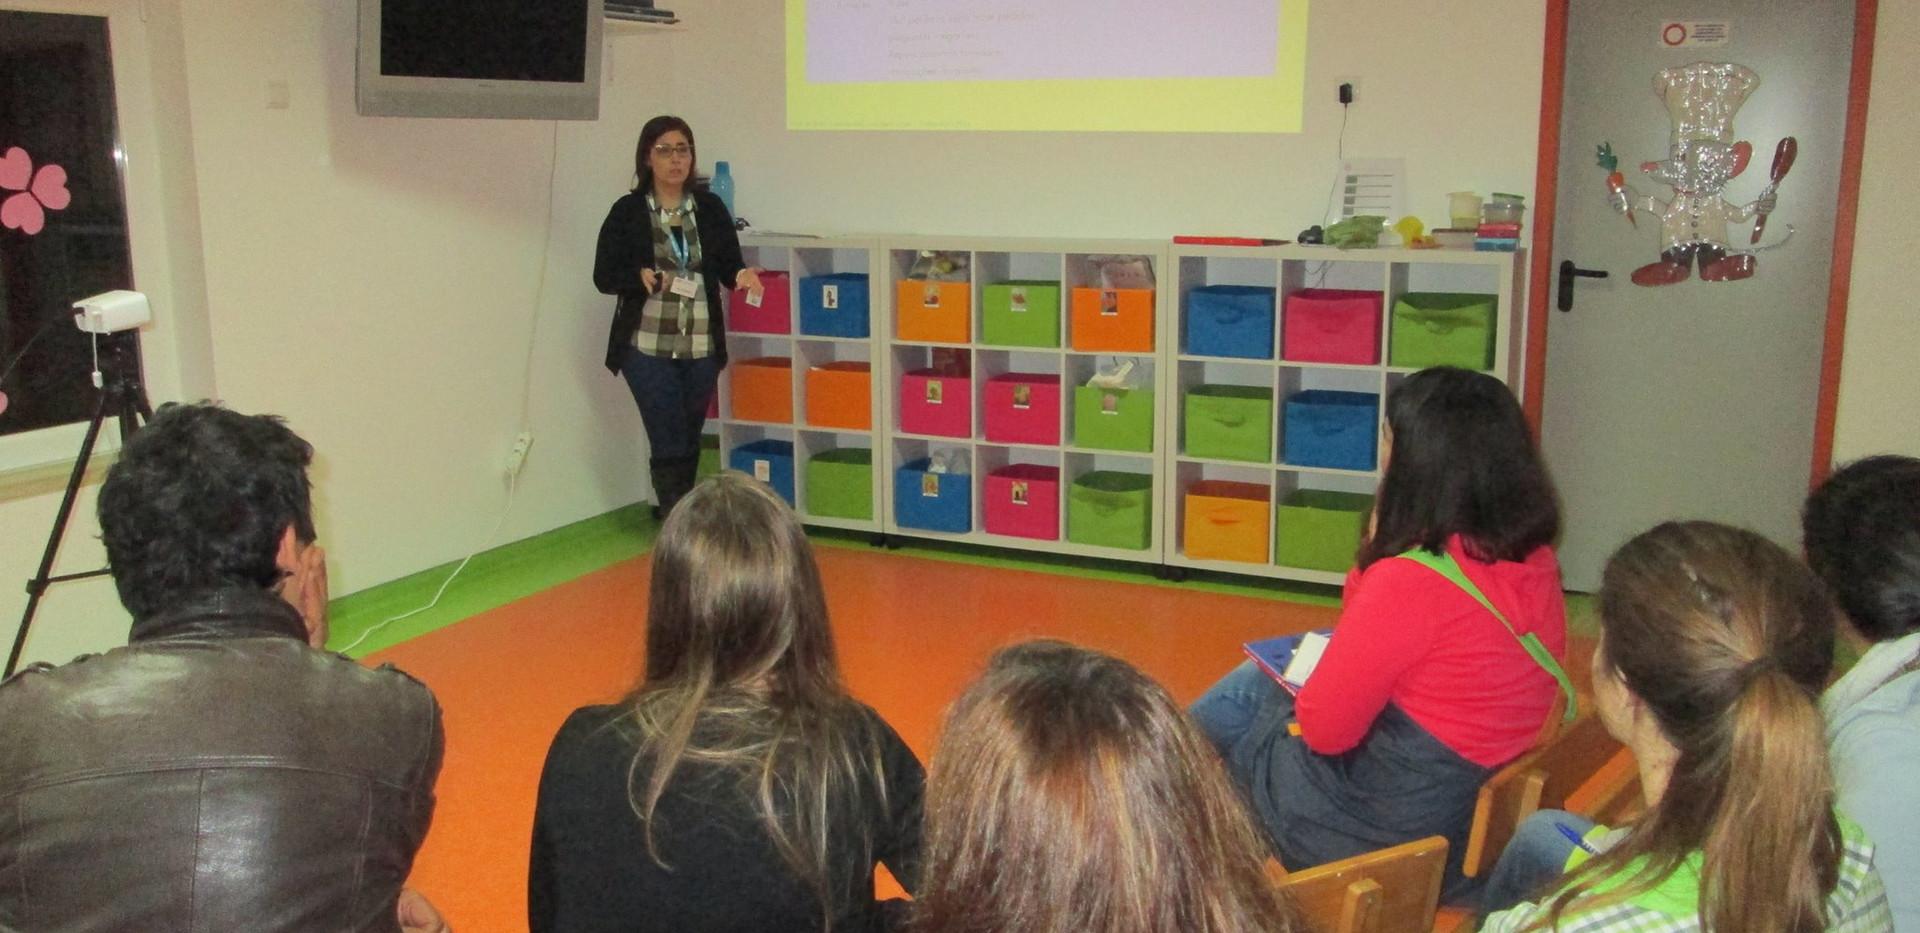 Workshop Sinais de Alerta - Vivakids, Setúbal